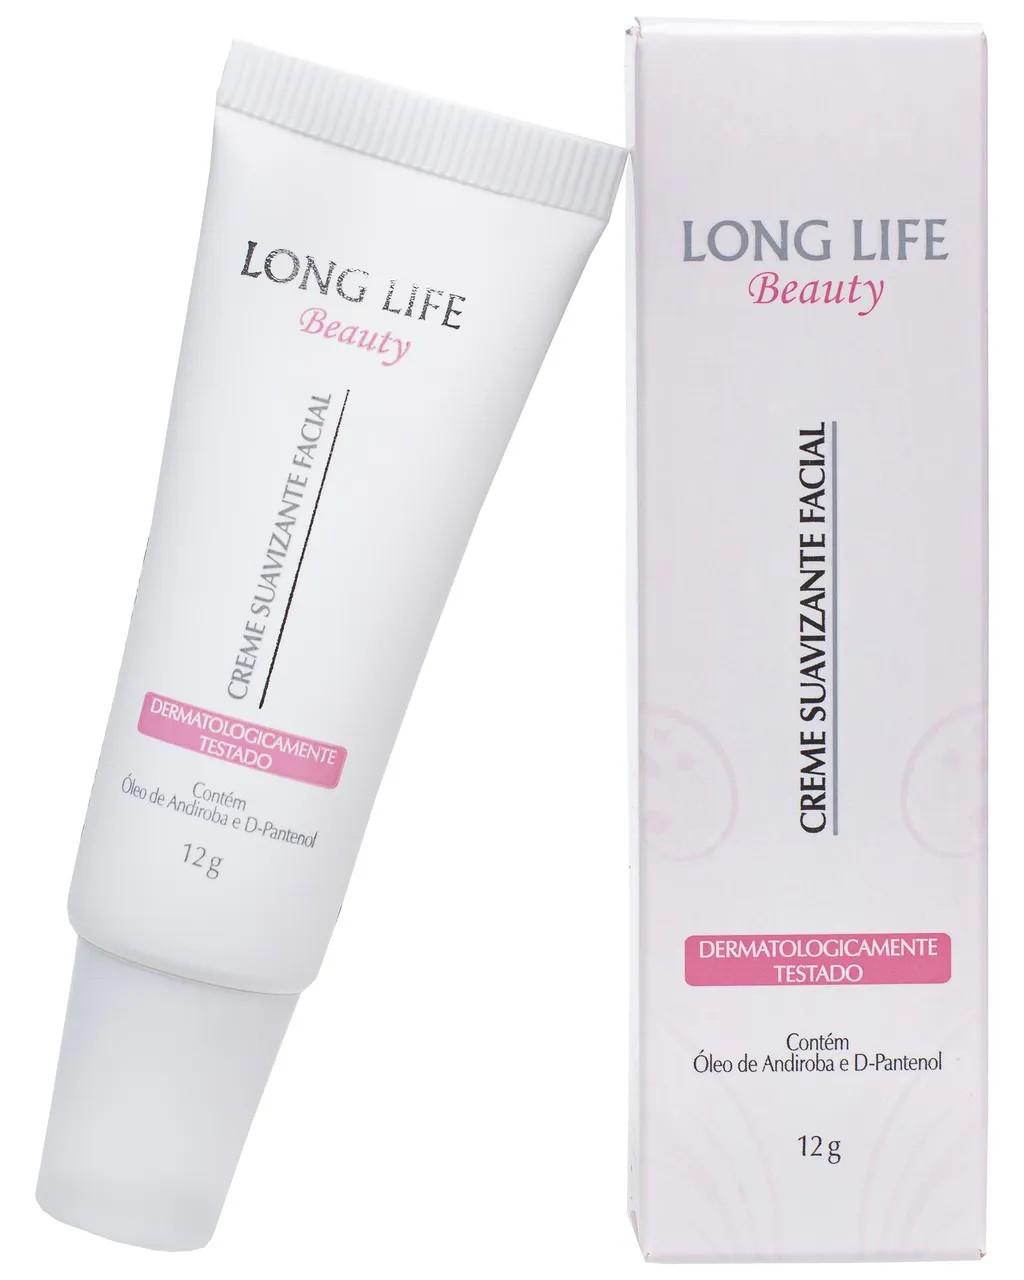 Pomada Pós Micropigmentação Long Life Beauty 12g - ( KIT c/ 4 caixas )